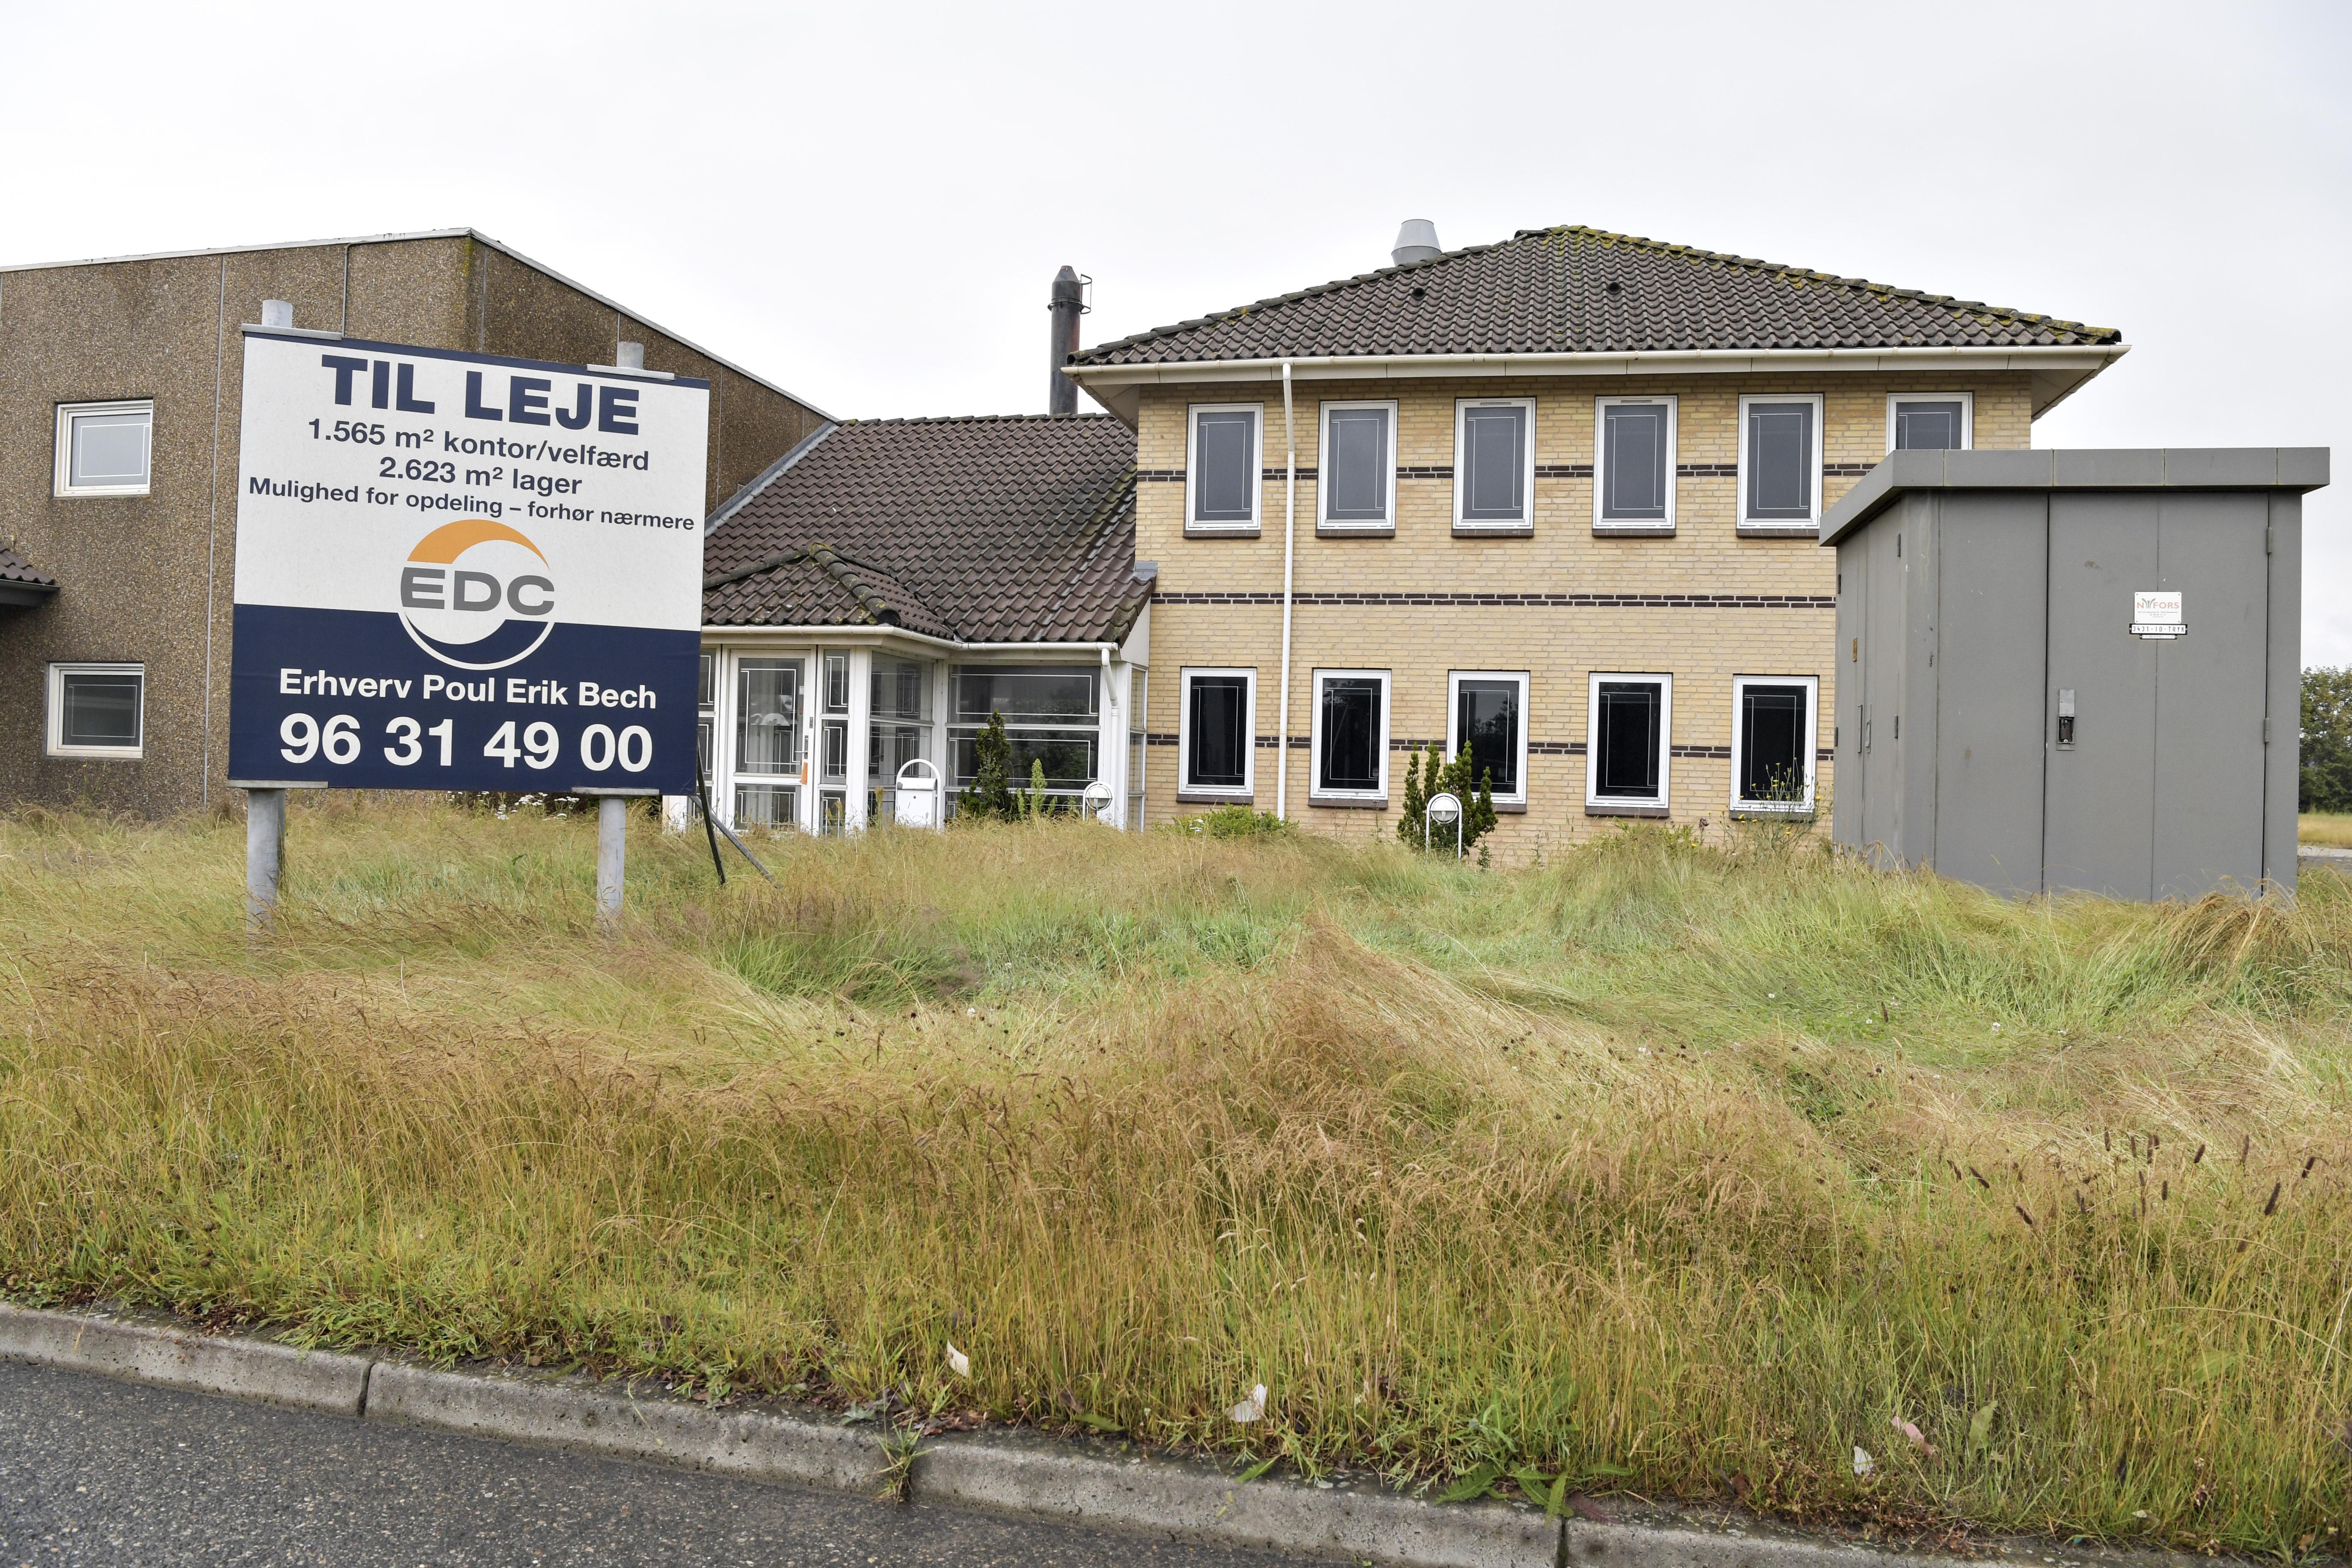 ejendomme solgt på tvangsauktion